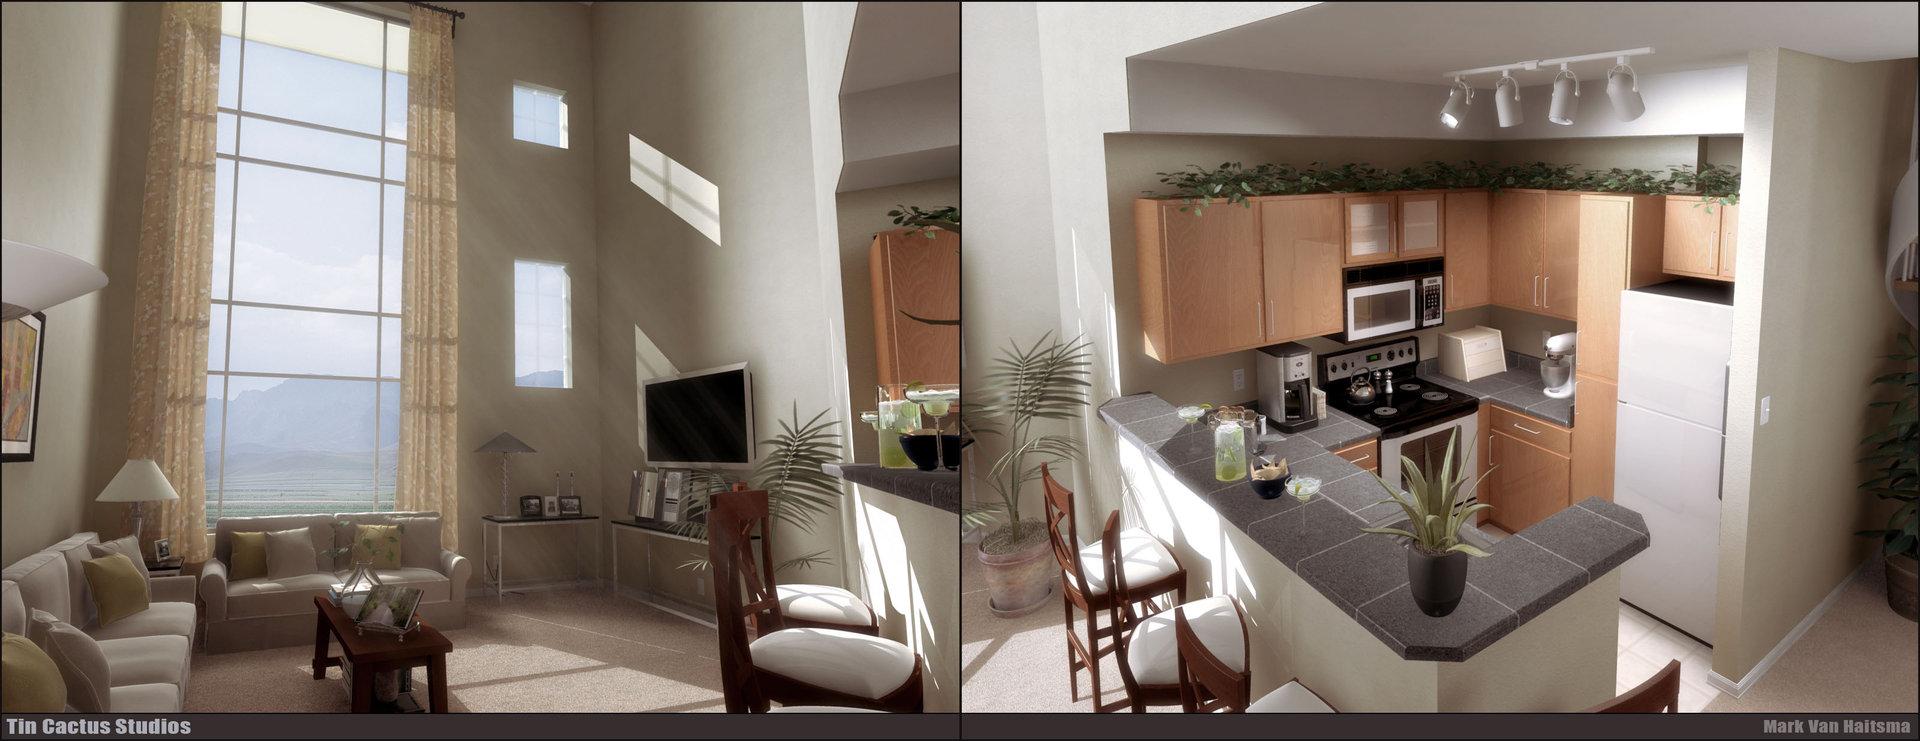 Mark van haitsma interiors project l